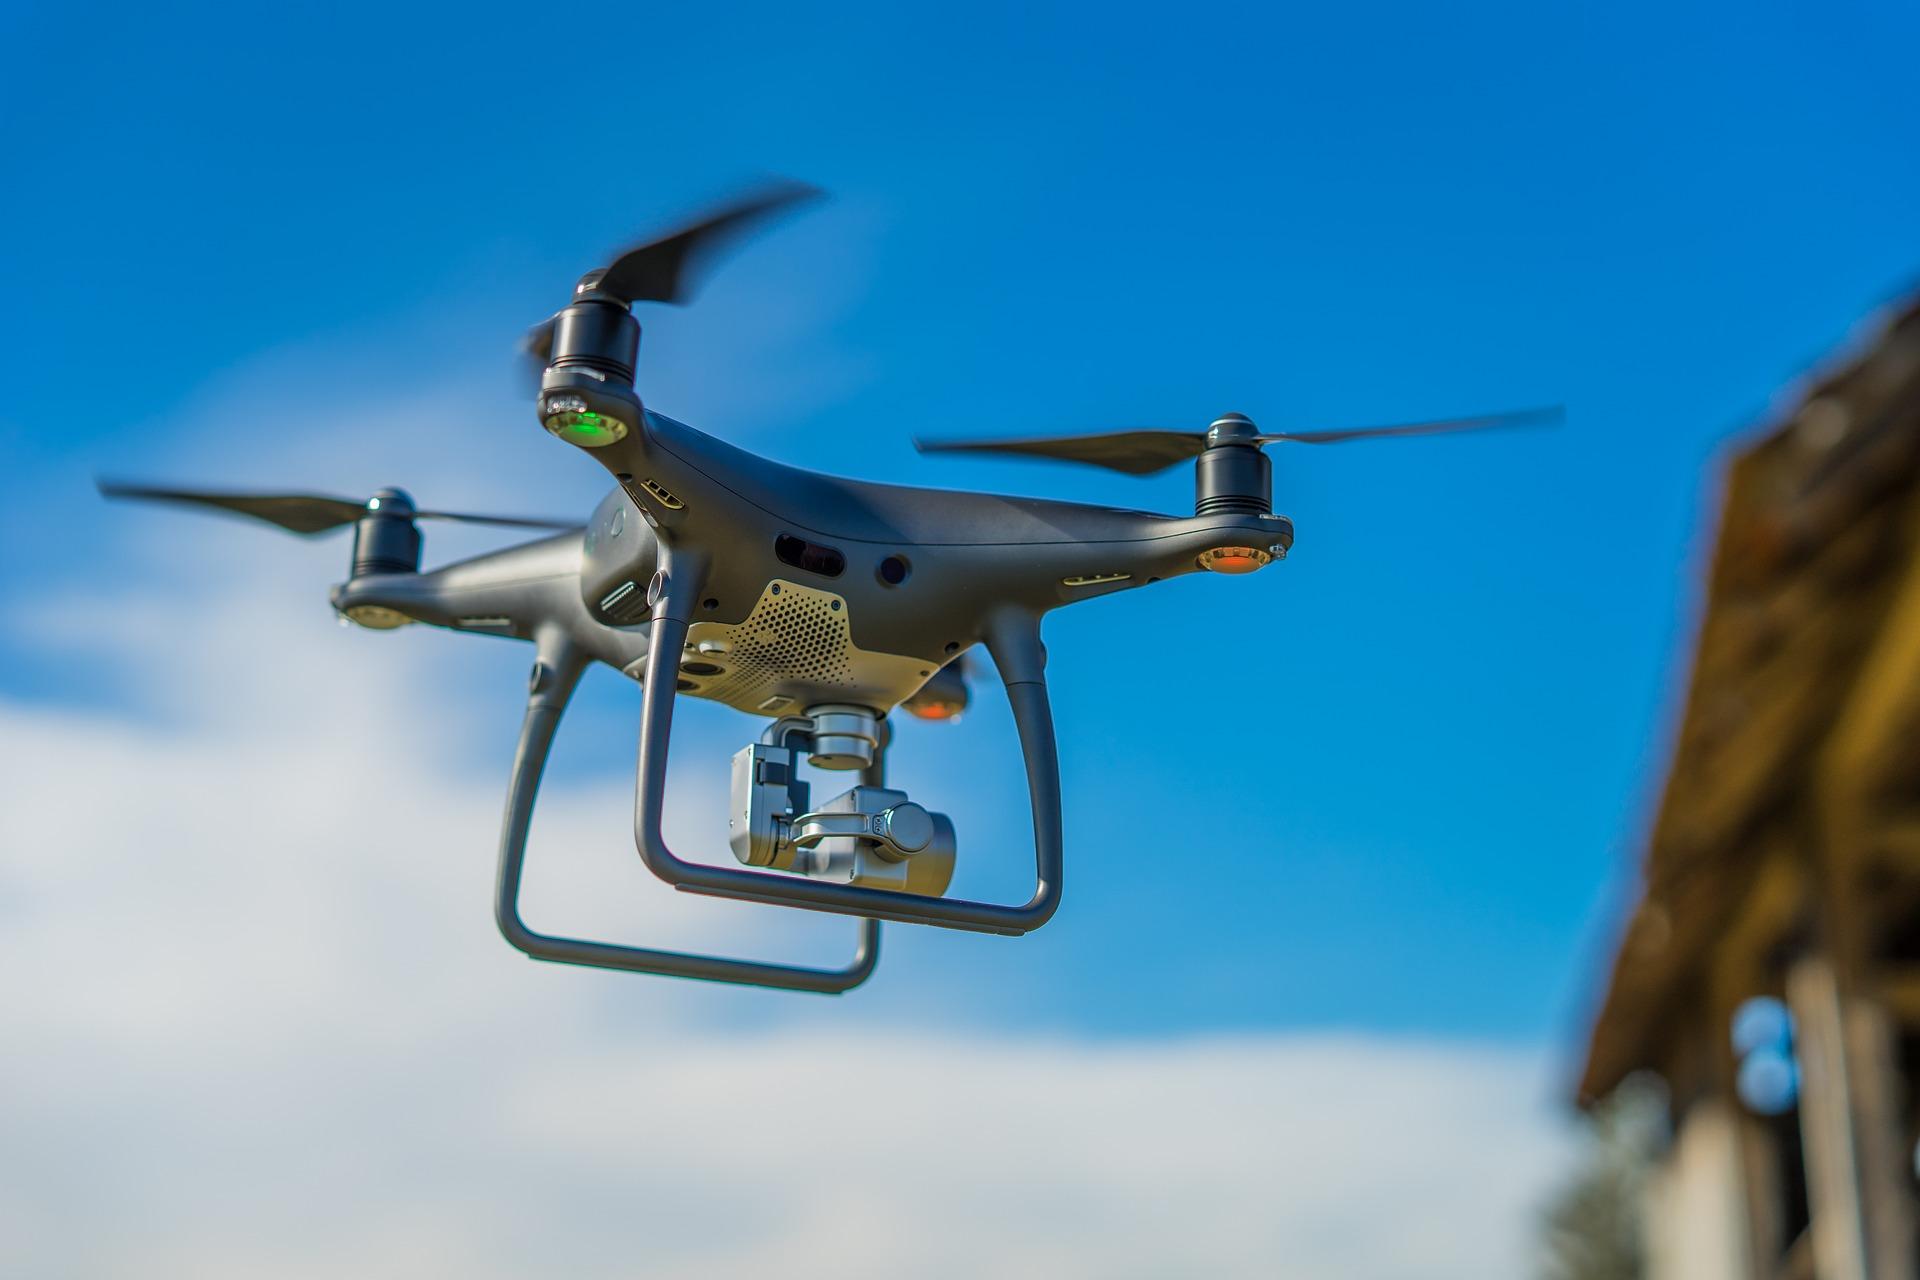 Image de l'article : Aux USA, l'immatriculation des drones est désormais obligatoire